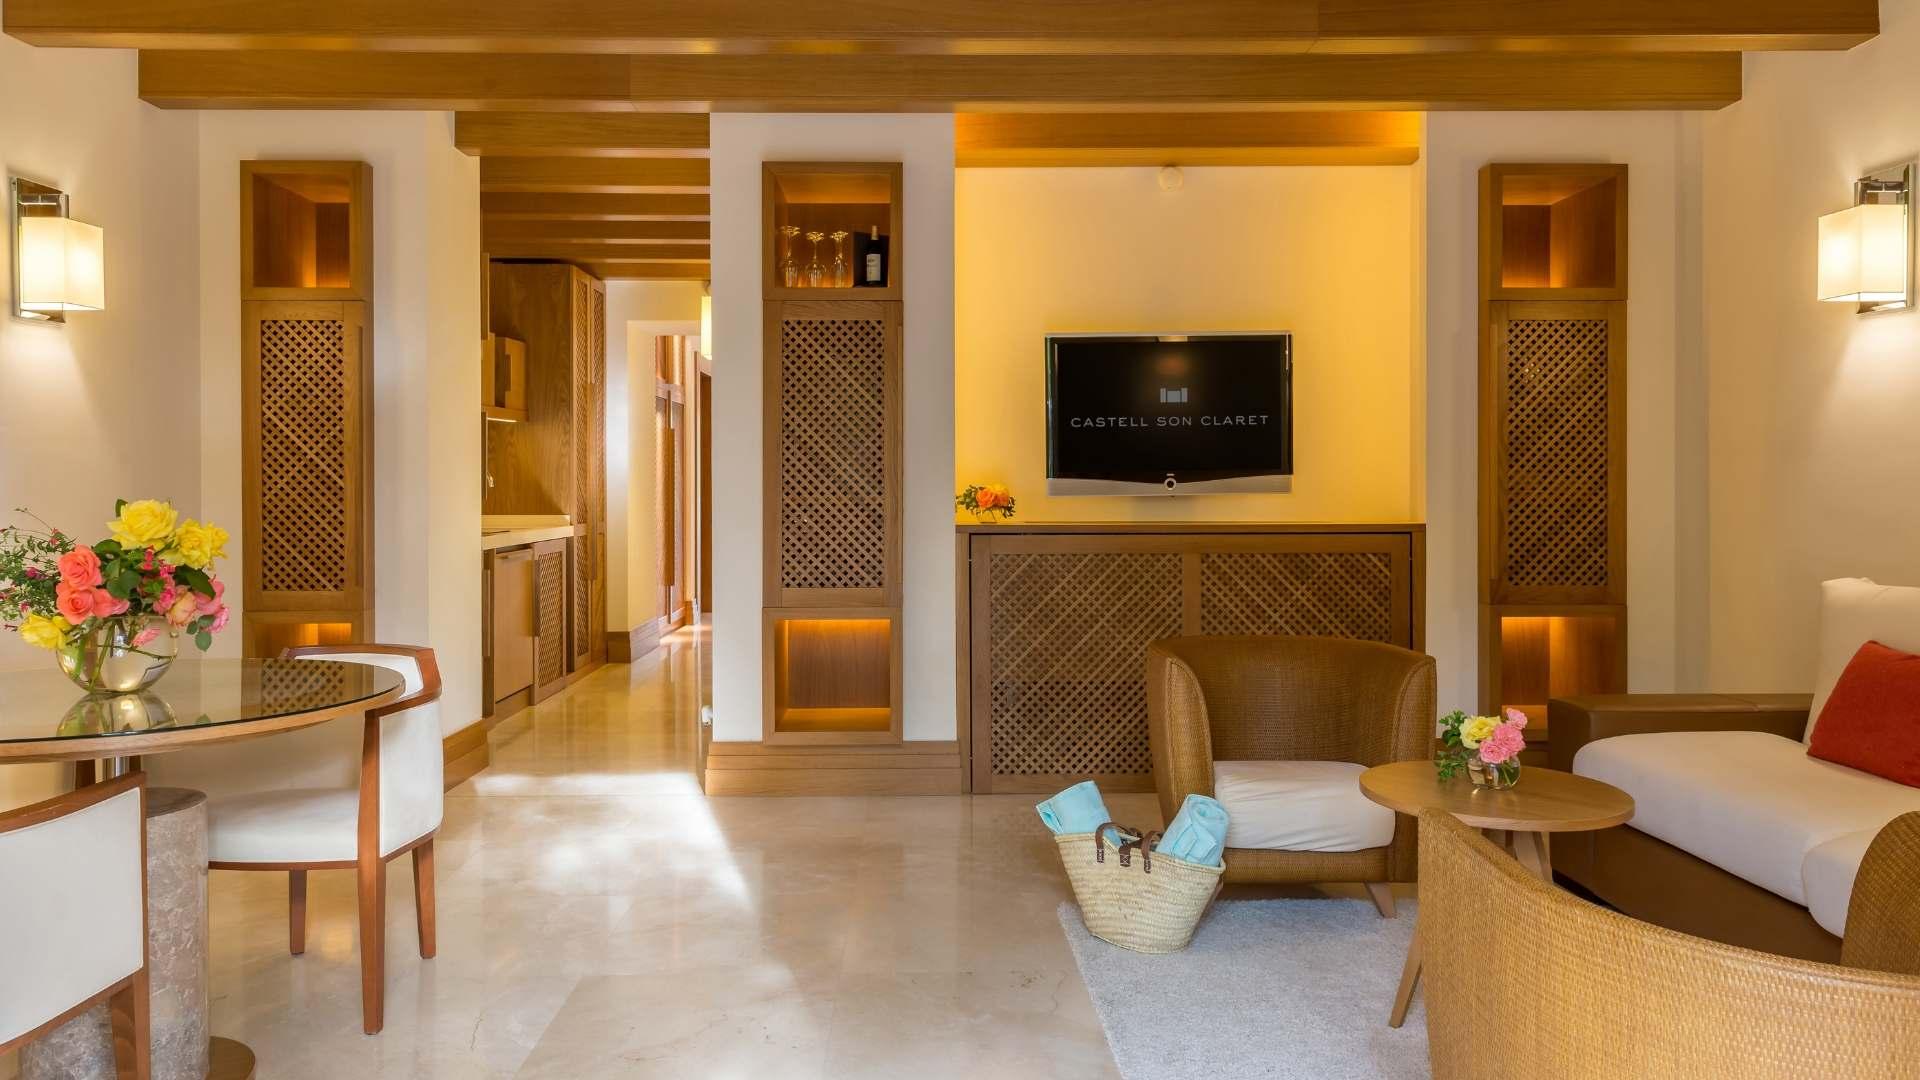 Castell Son Claret Luxury Hotel, Garden Suites (4)